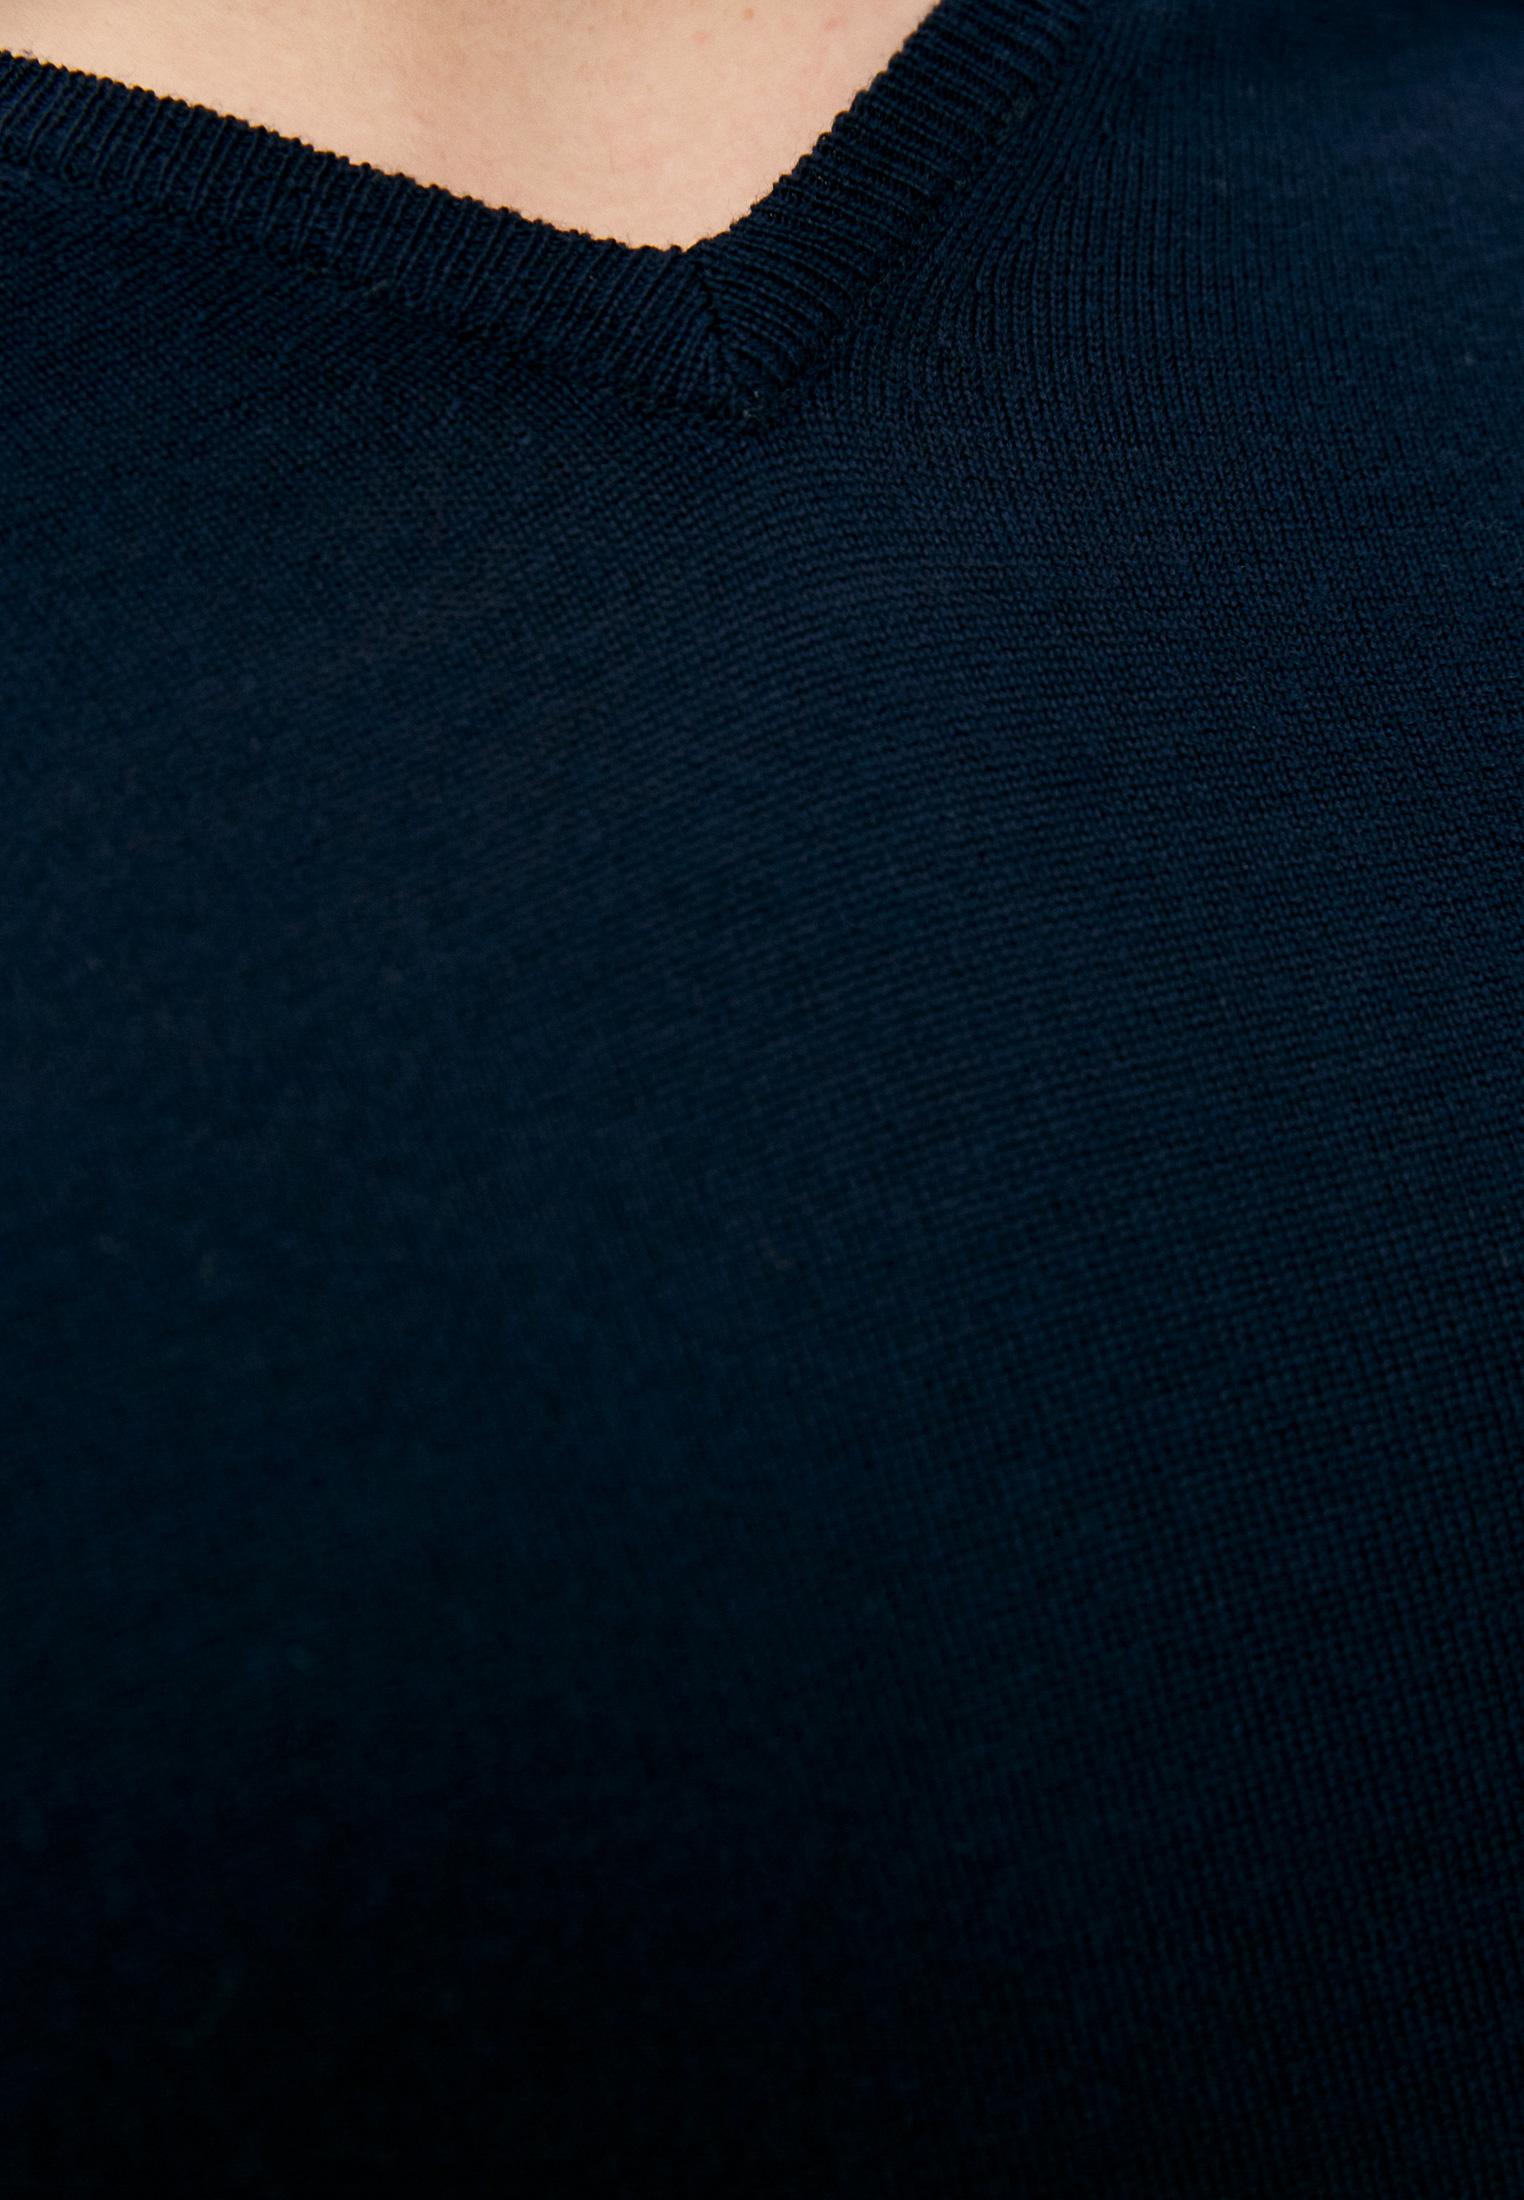 Пуловер Baldinini (Балдинини) MU0215: изображение 5